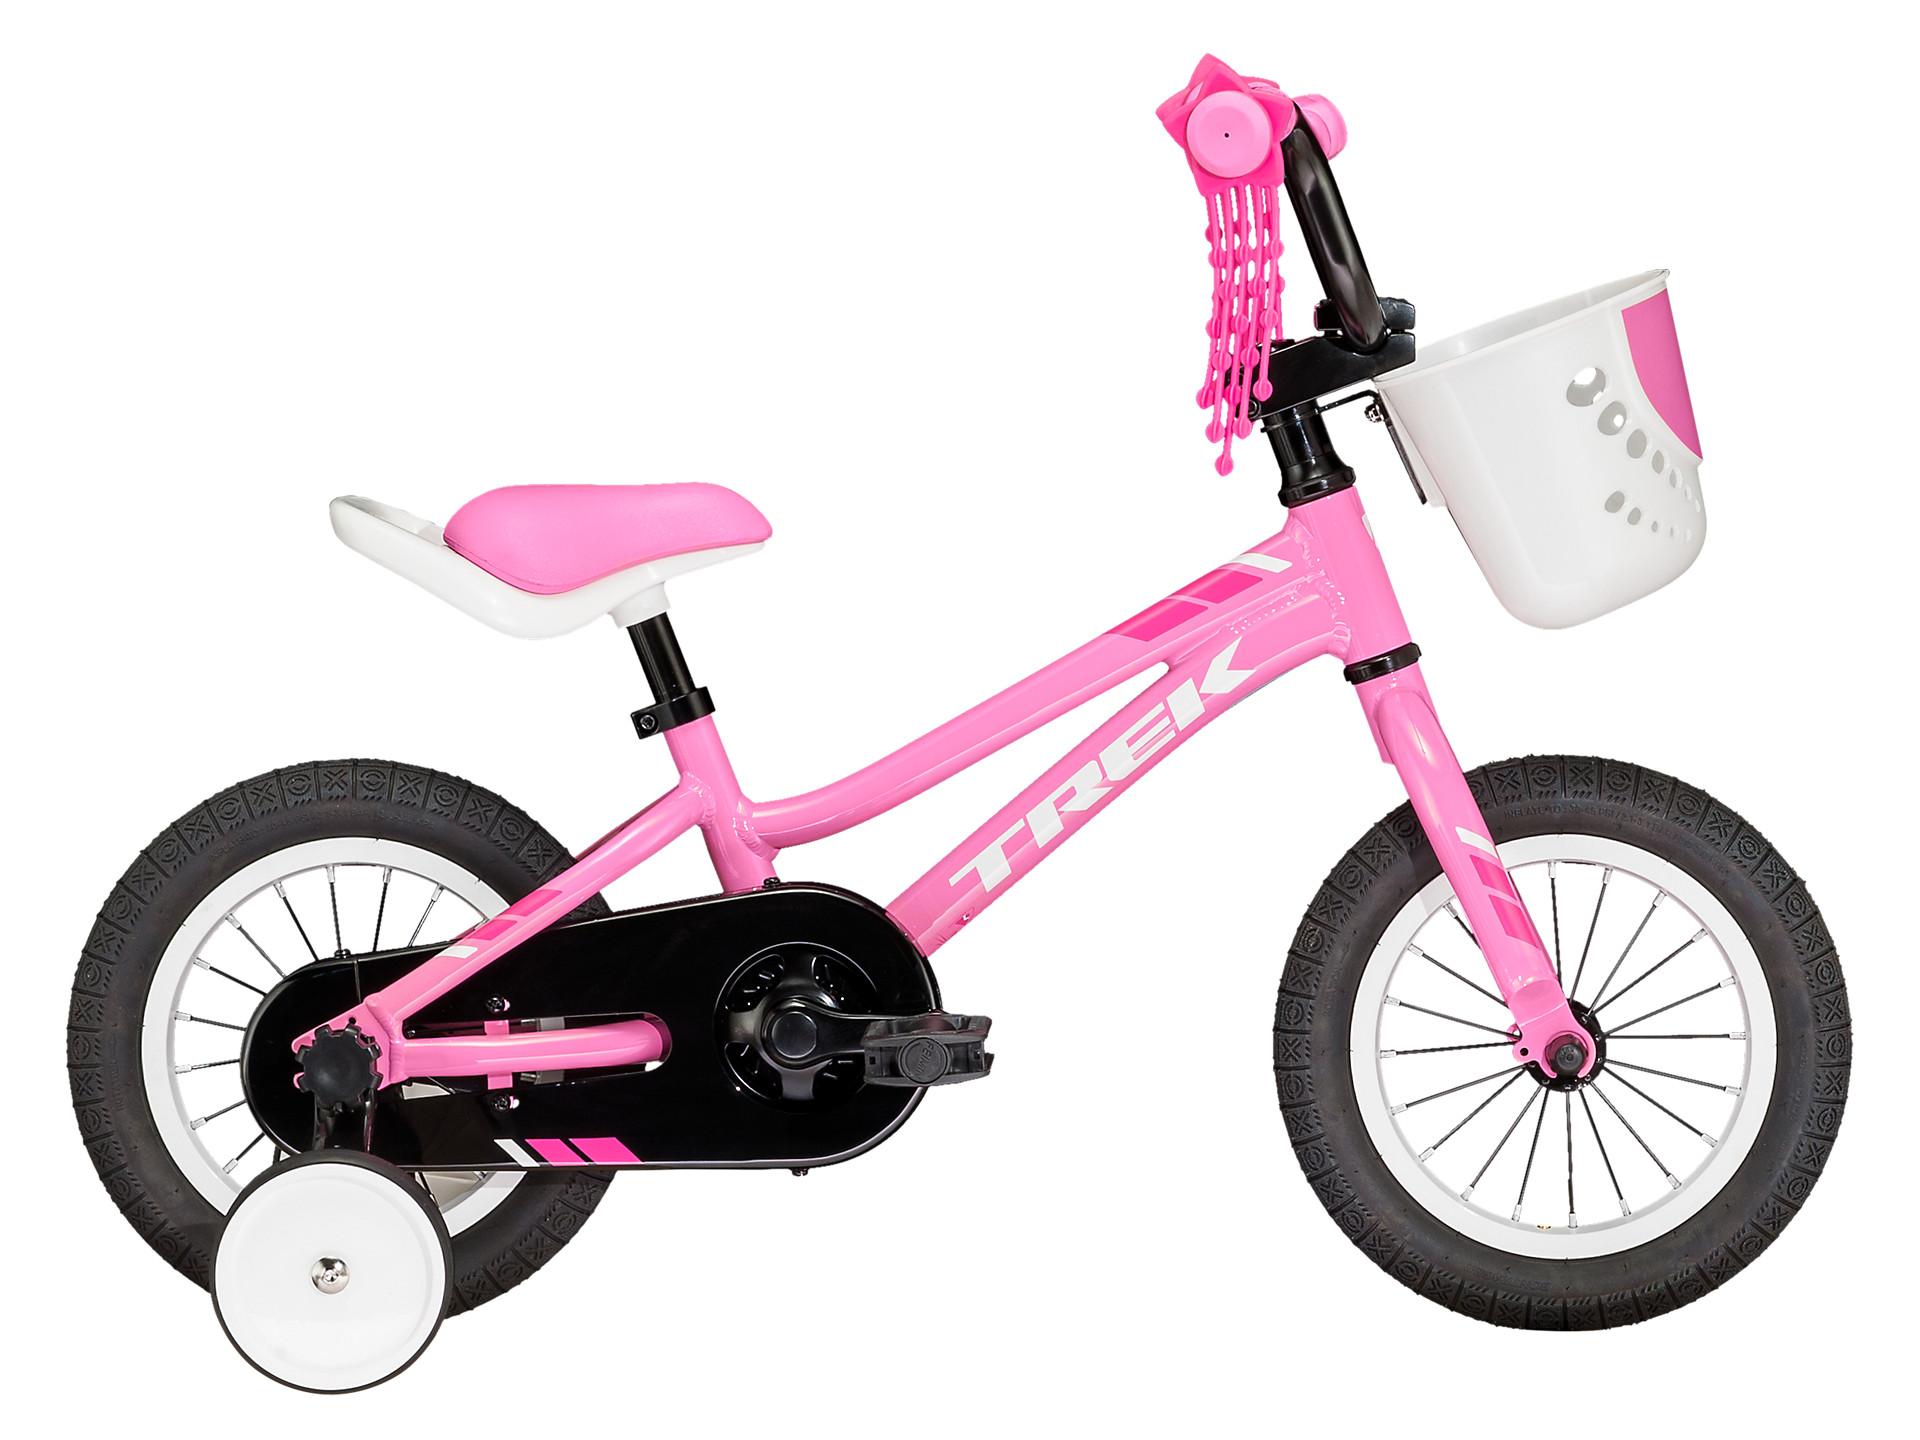 6468105ea59 Girls' bikes | Trek Bikes